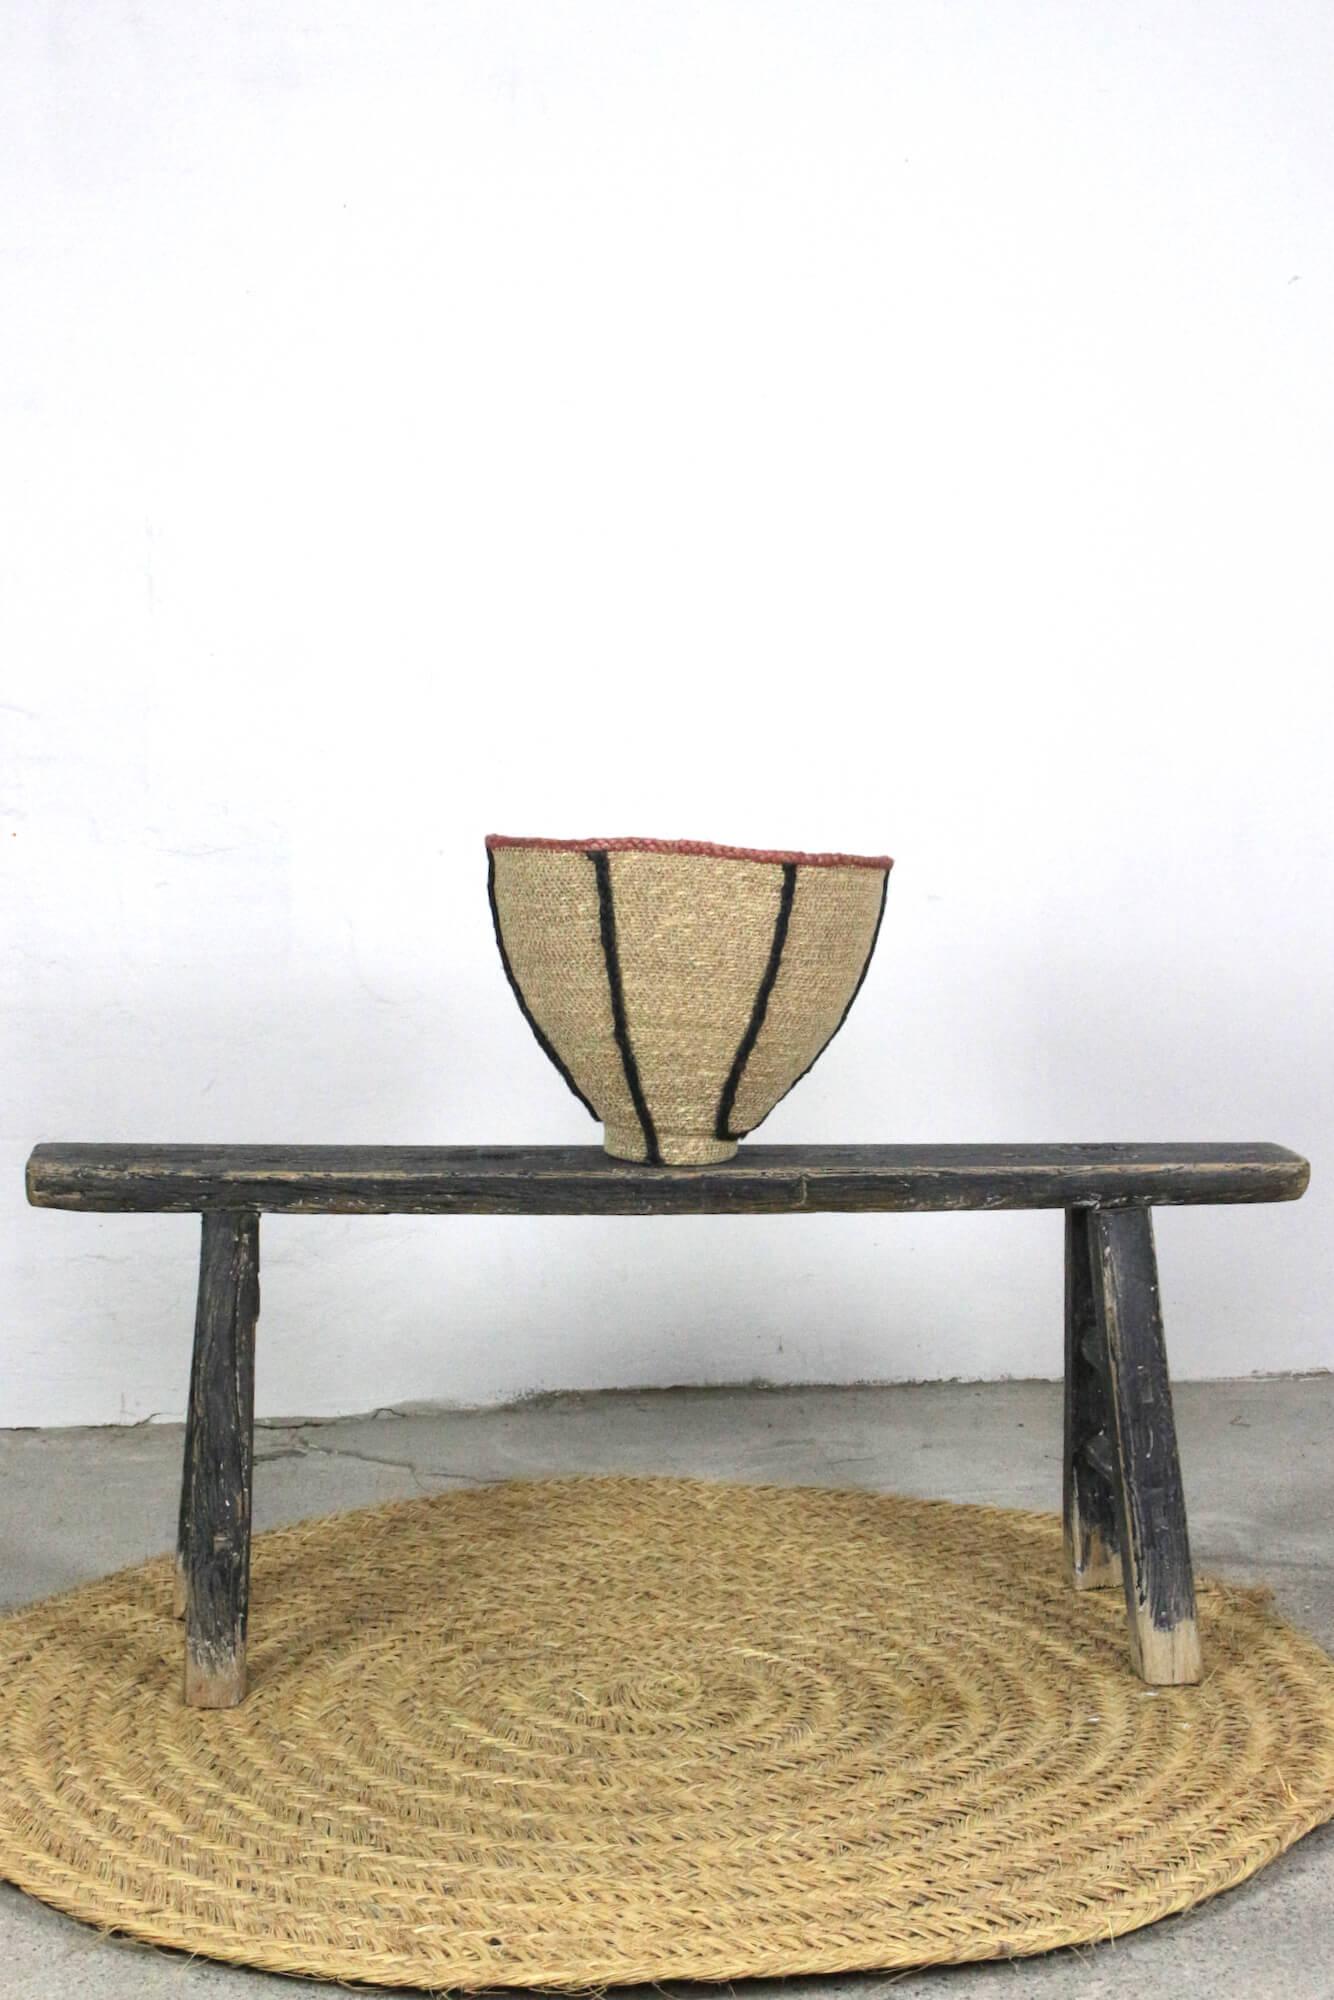 Alte chinesische Holzbank schwarz, 127 cm